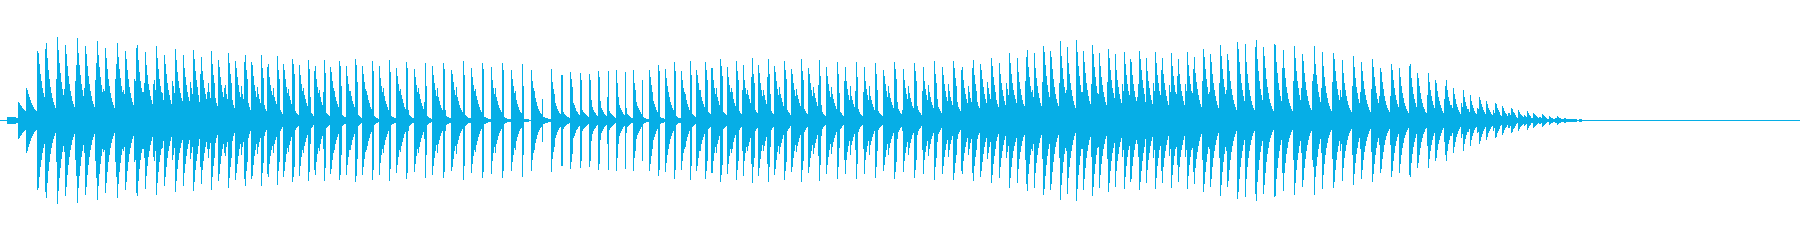 バババ(レーザー光線/SF/SNESの再生済みの波形